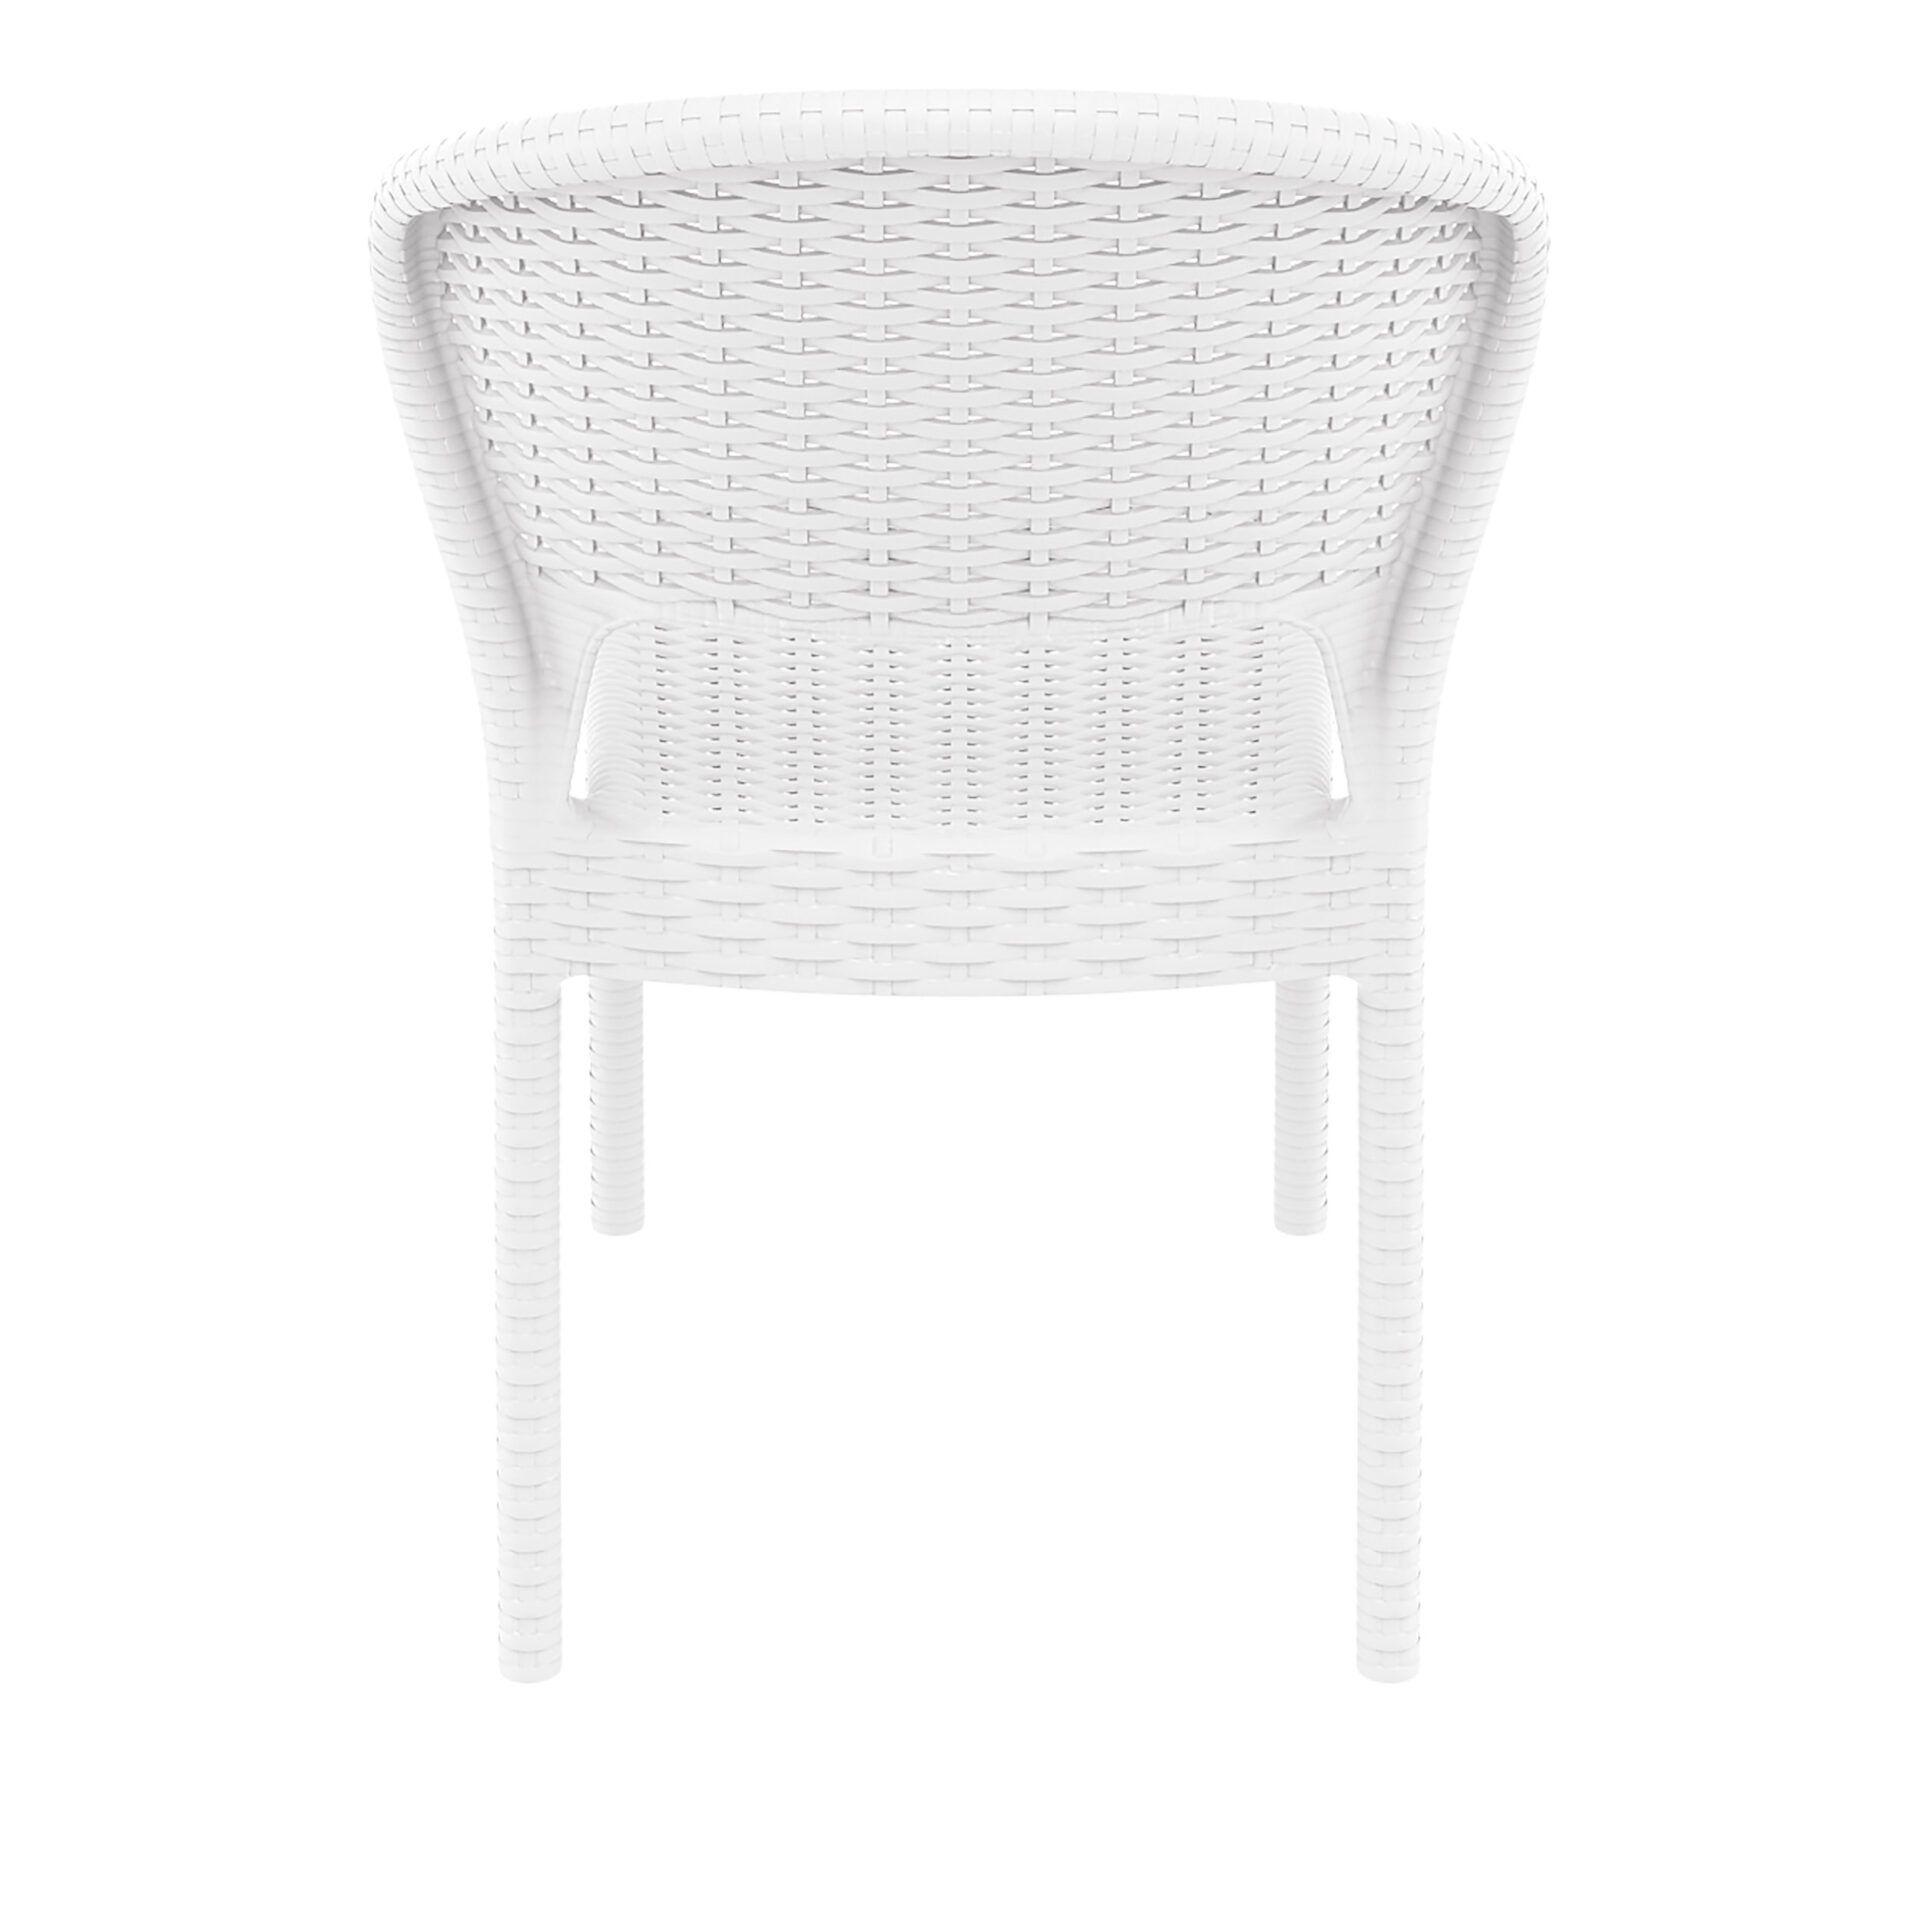 resin rattan outdoor daytona chair white back